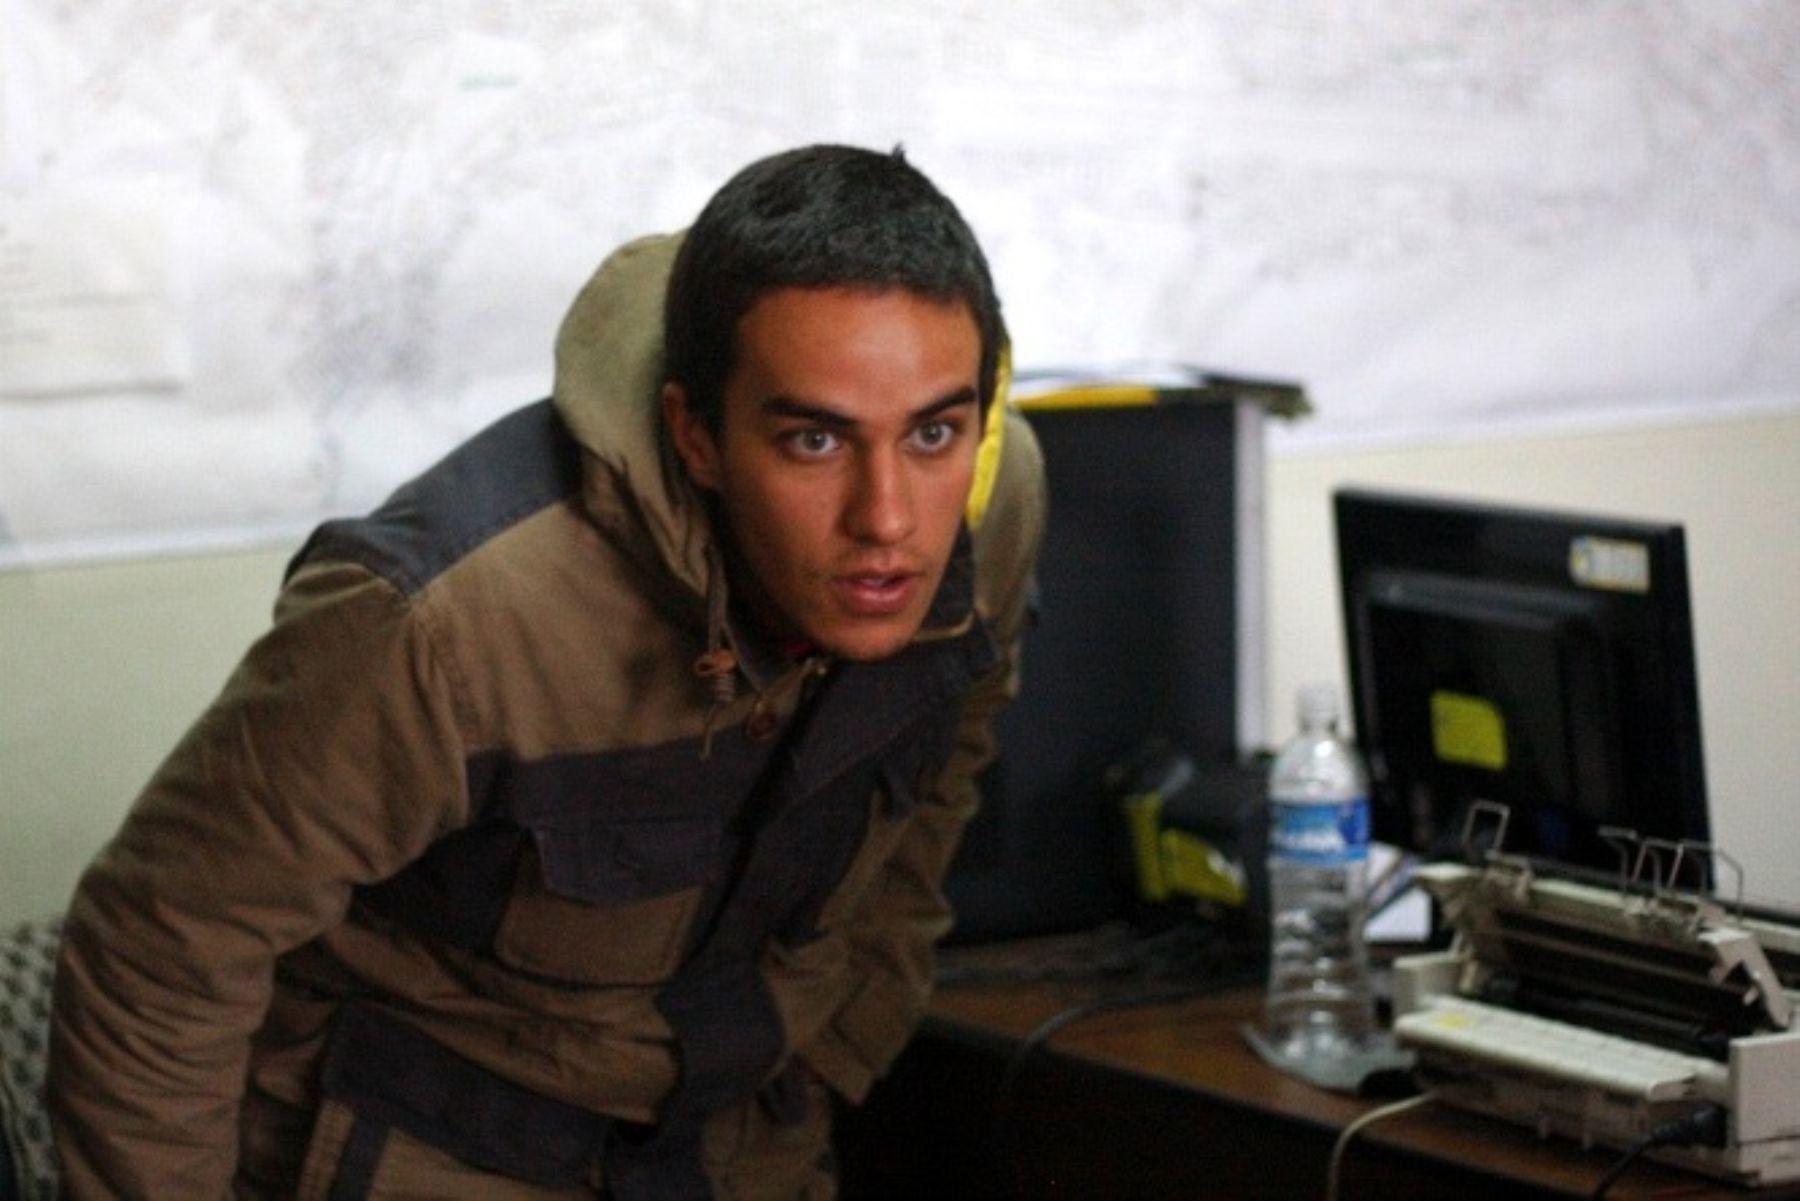 El ciudadano argentino Nicolás Joan Gonzales De León fue detenido por la policía acusado de robo de dinero.